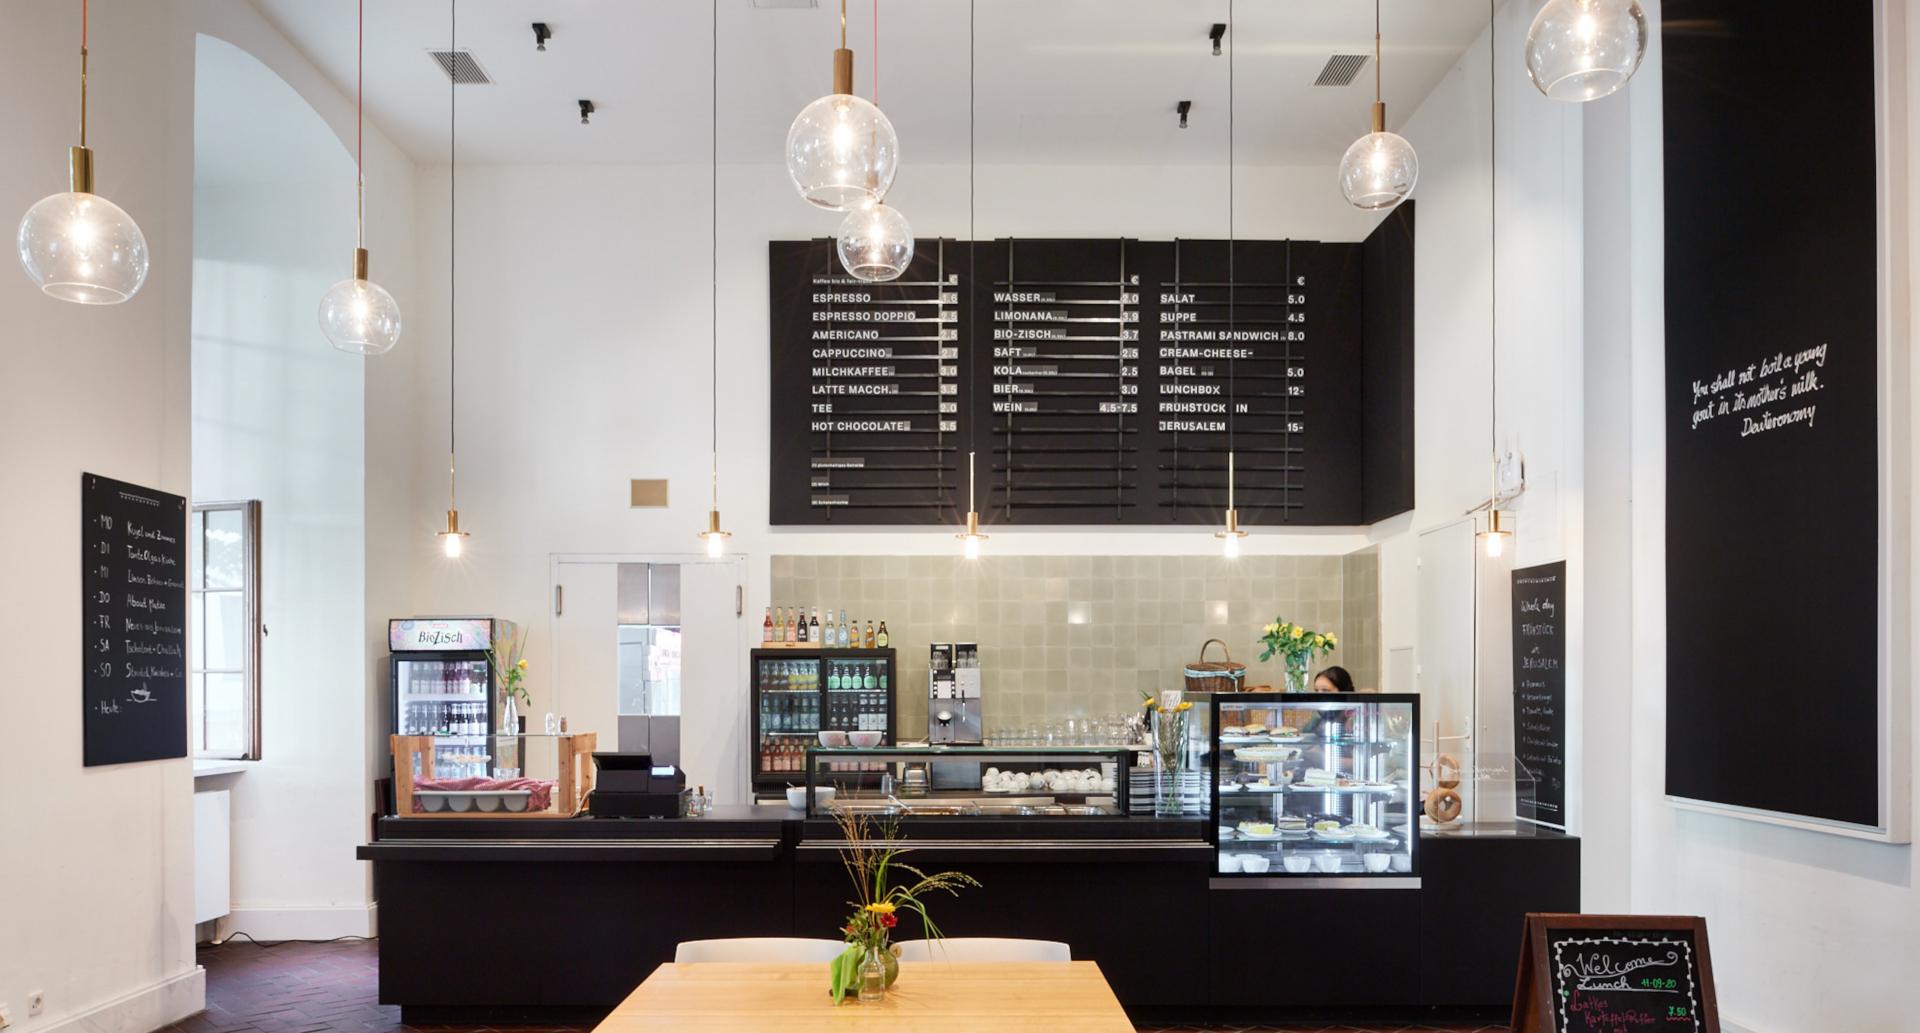 Museumscafé mit Theke und Speisetafeln